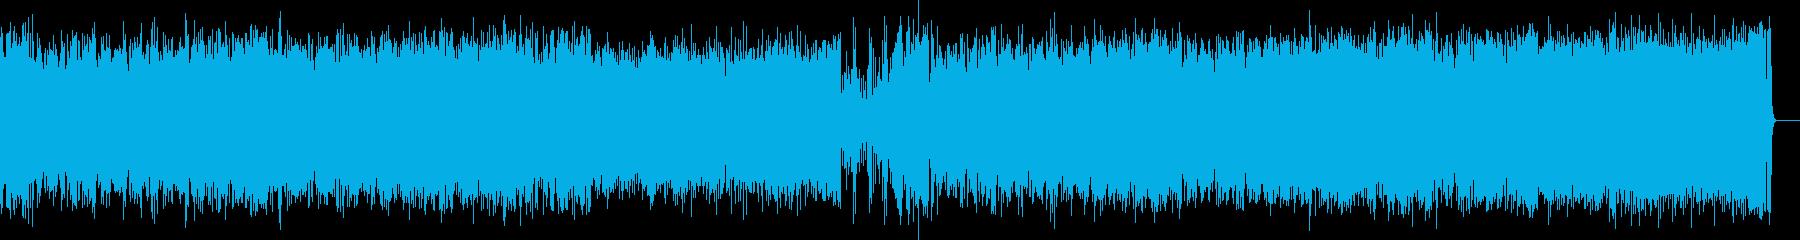 歯切れ良い軽快フュージョン・サウンドの再生済みの波形